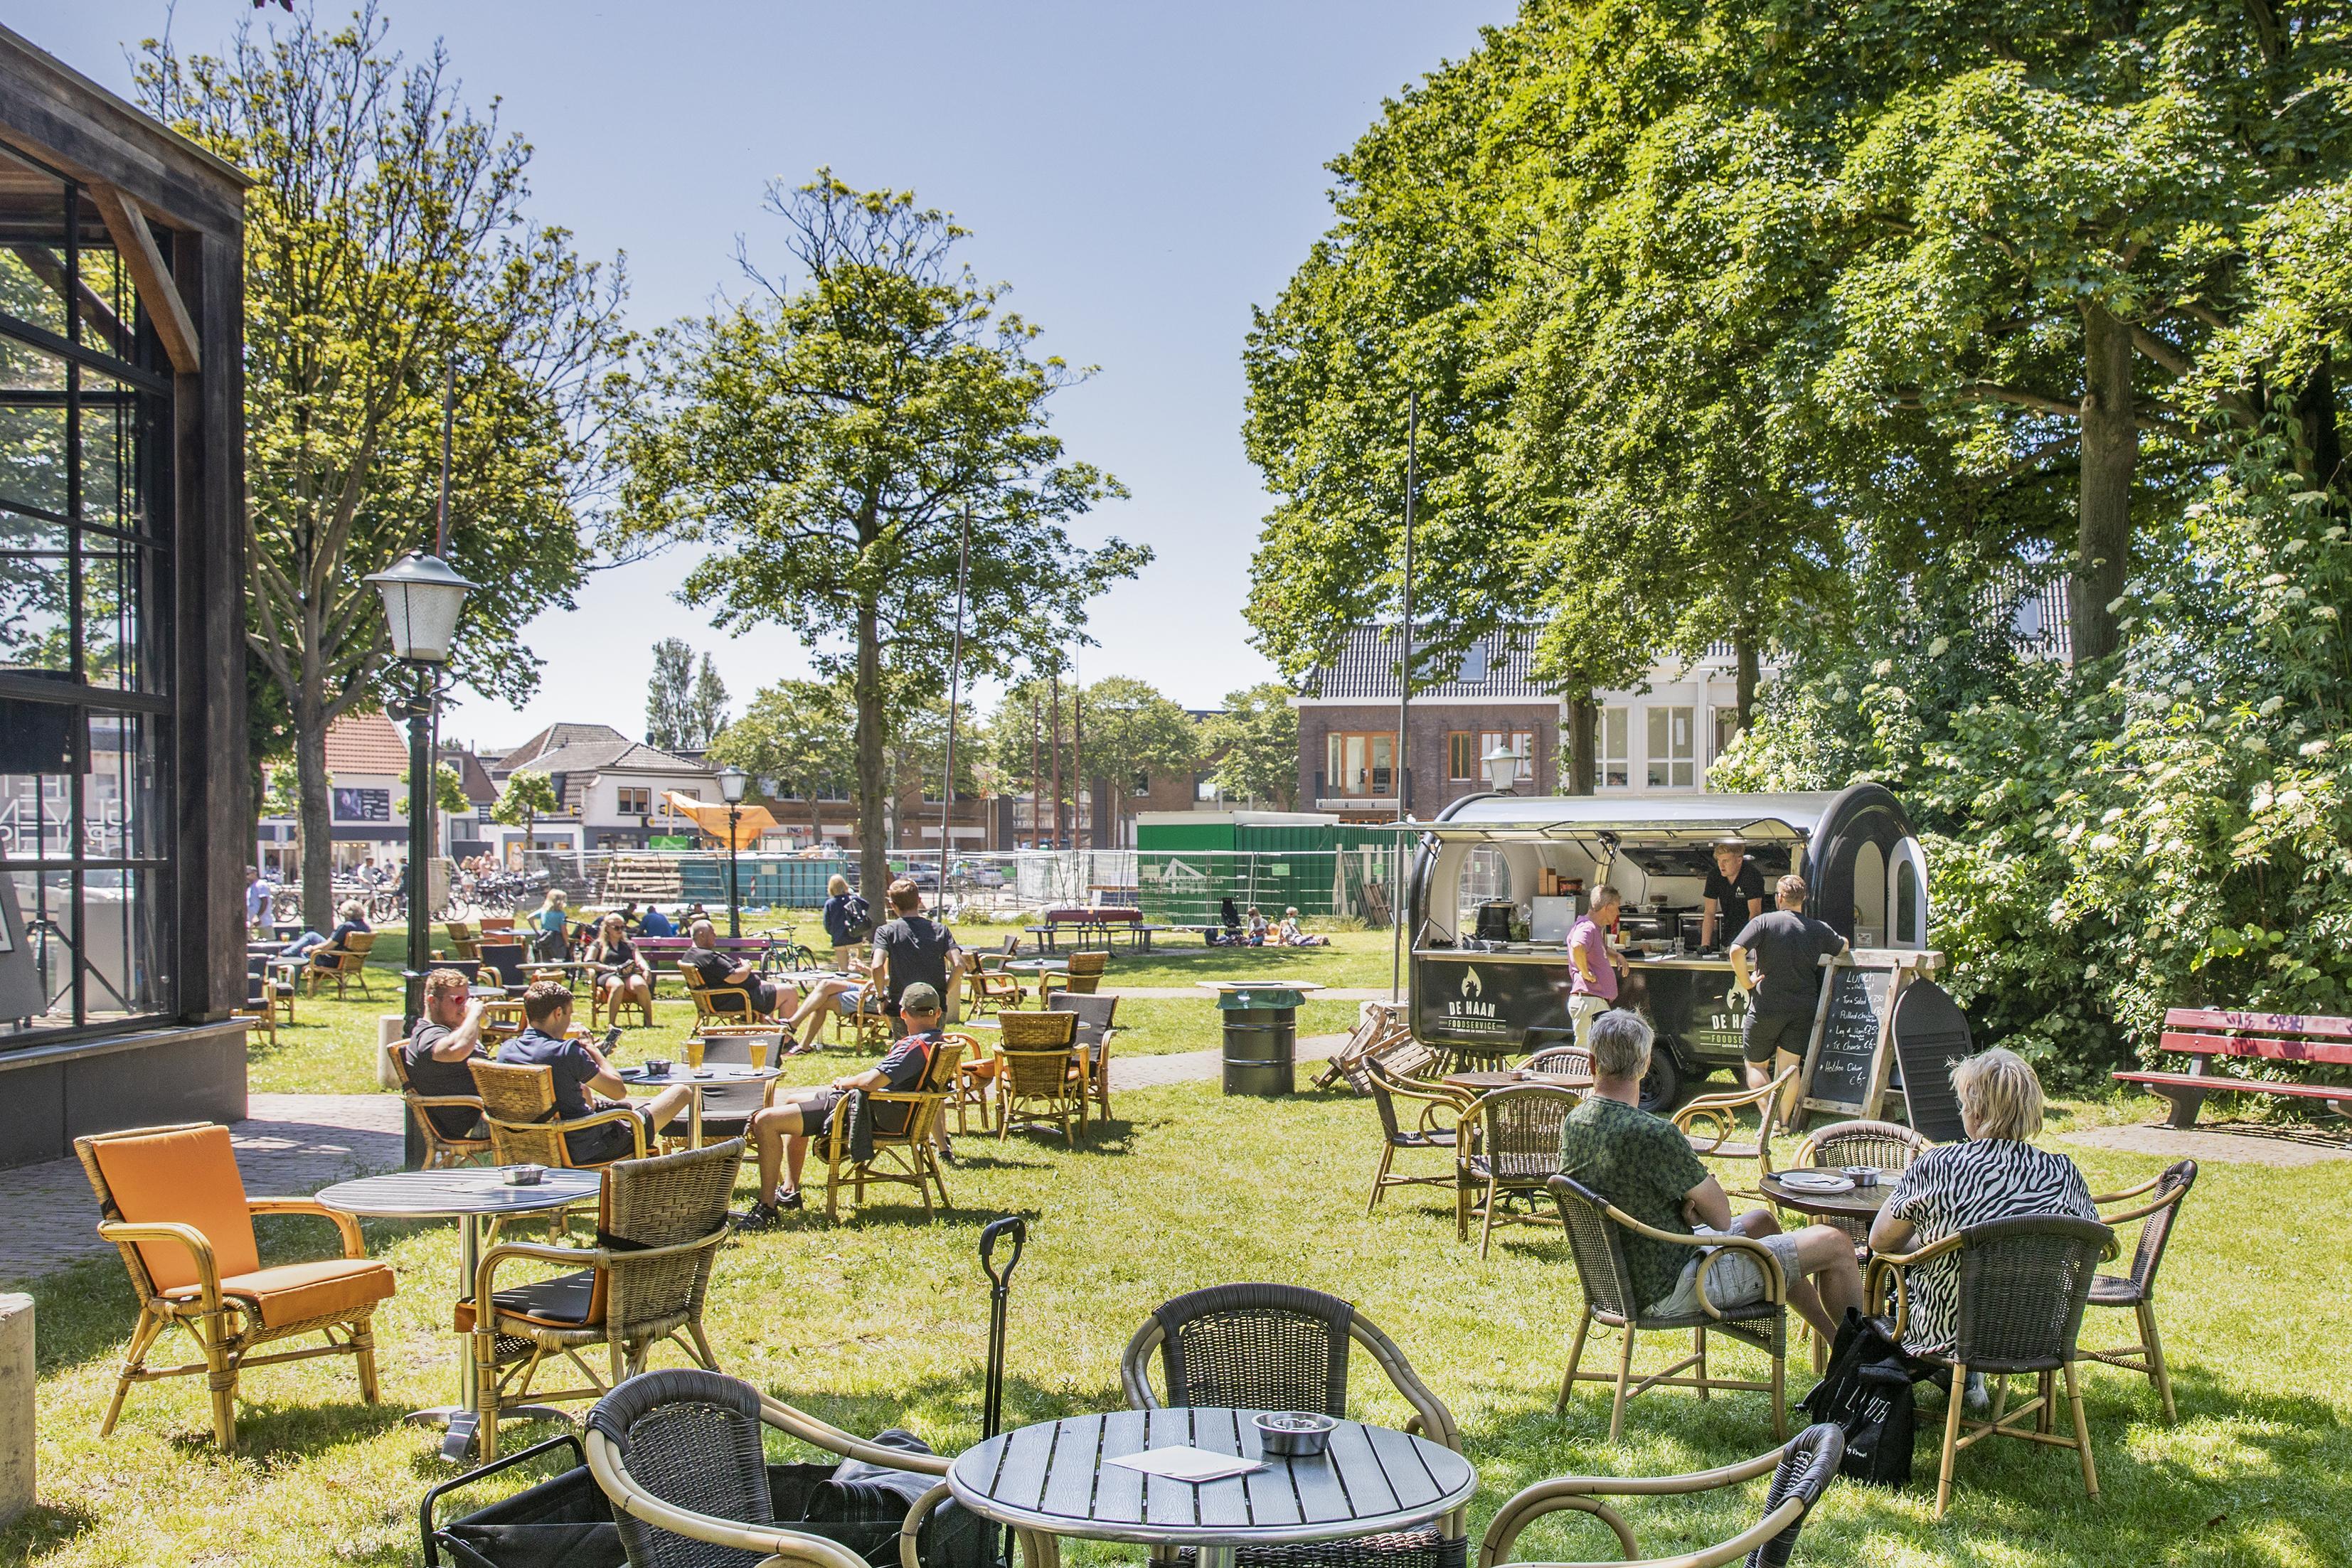 Terrassenbeleid Texel deze winter minder soepel dan van de zomer. 'Niet overal kan een tent geplaatst worden'